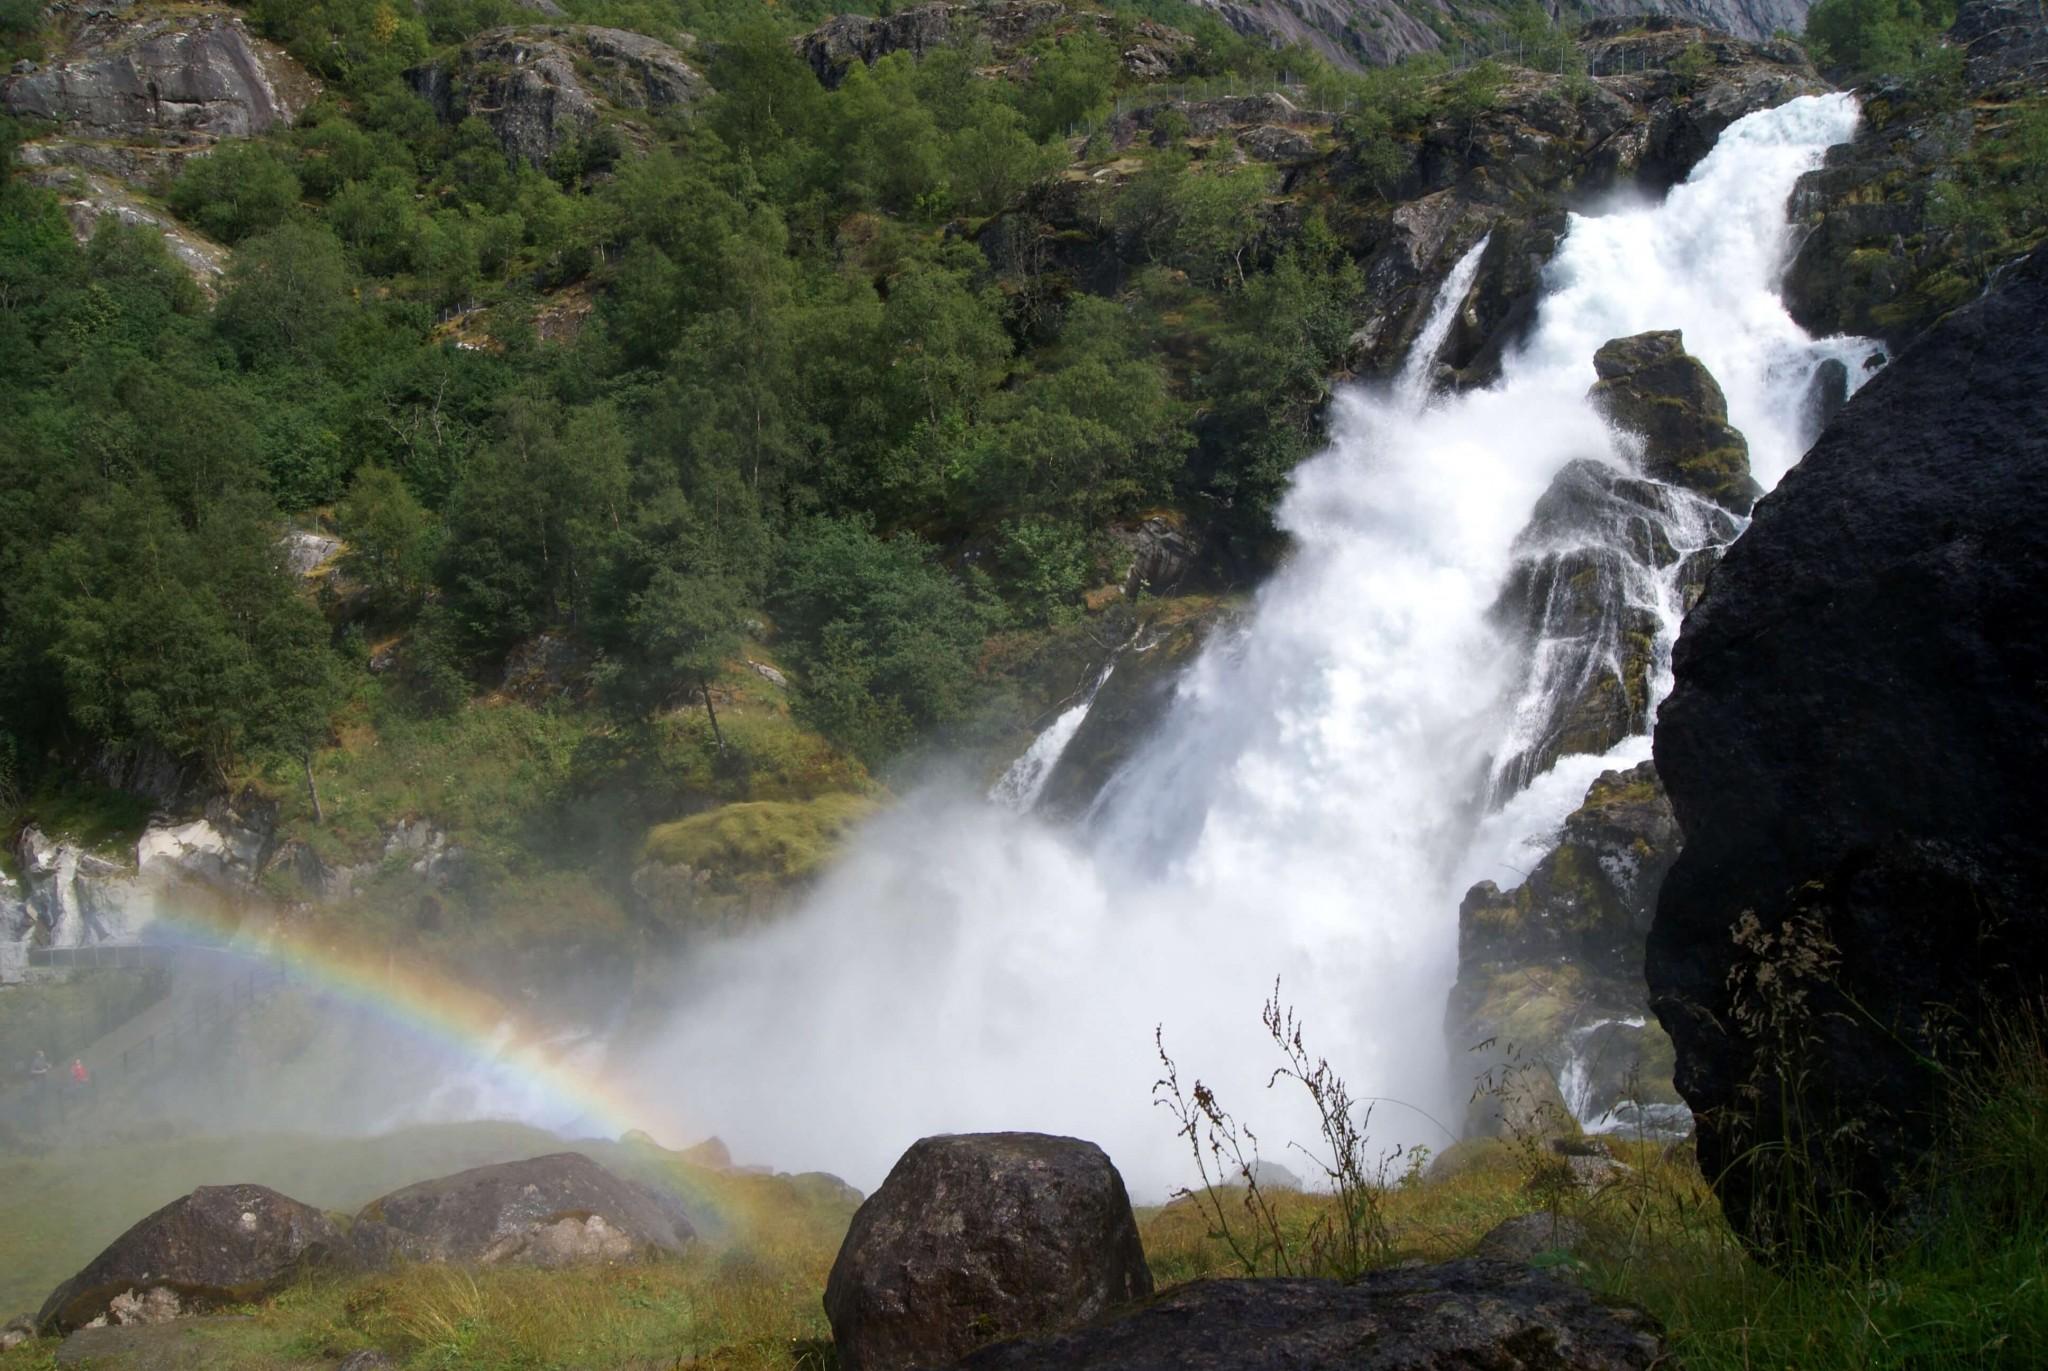 虹の架かった滝